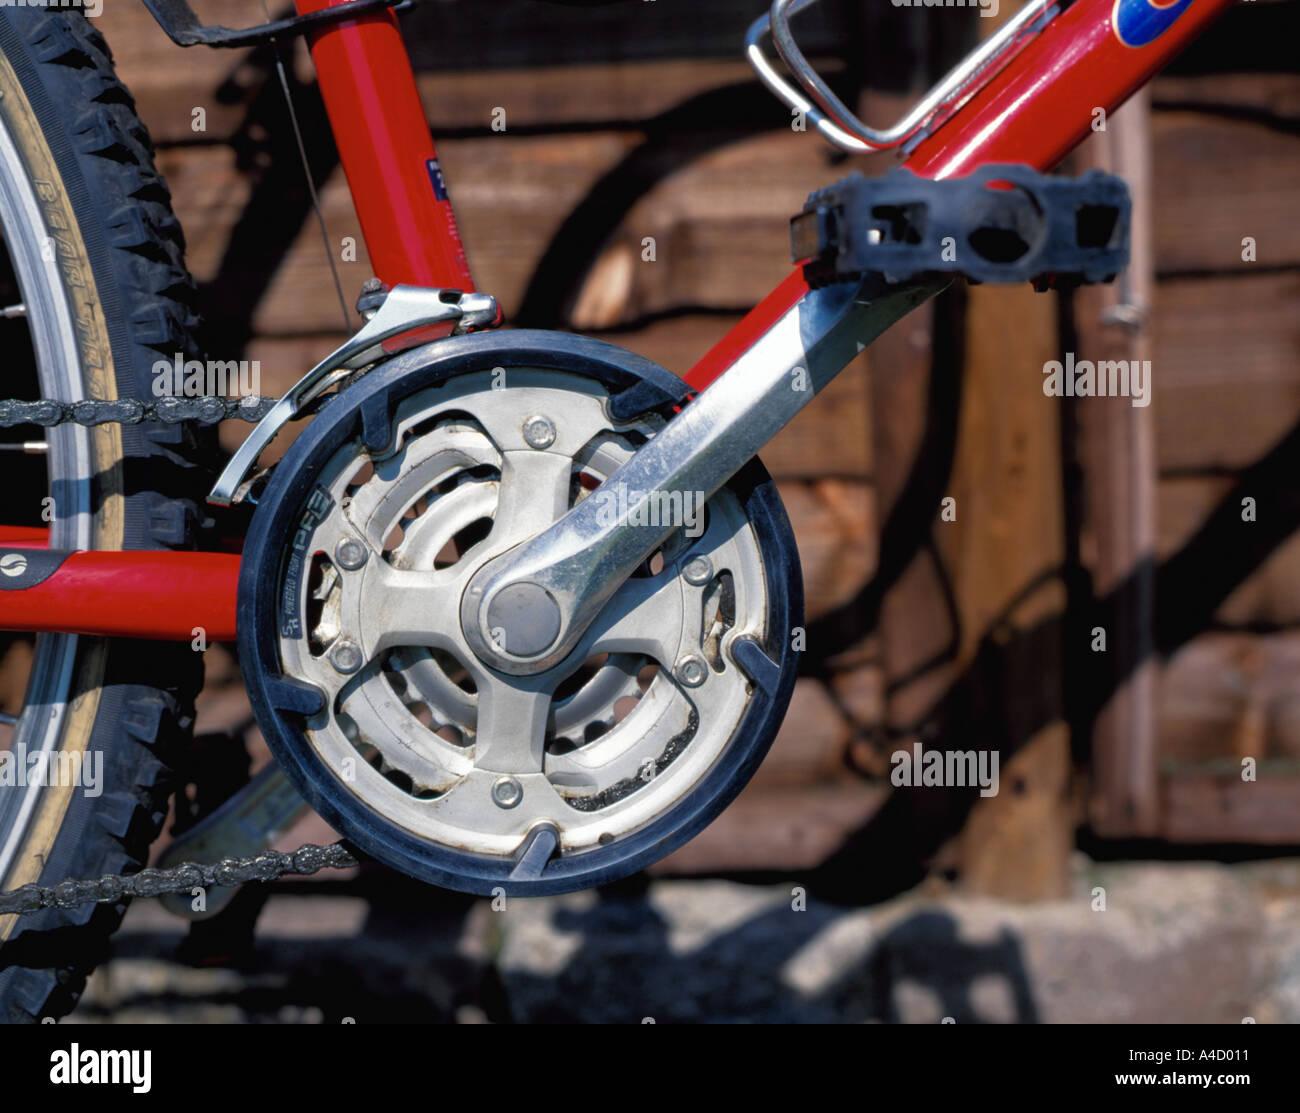 Crank Pedal Stock Photos Amp Crank Pedal Stock Images Alamy